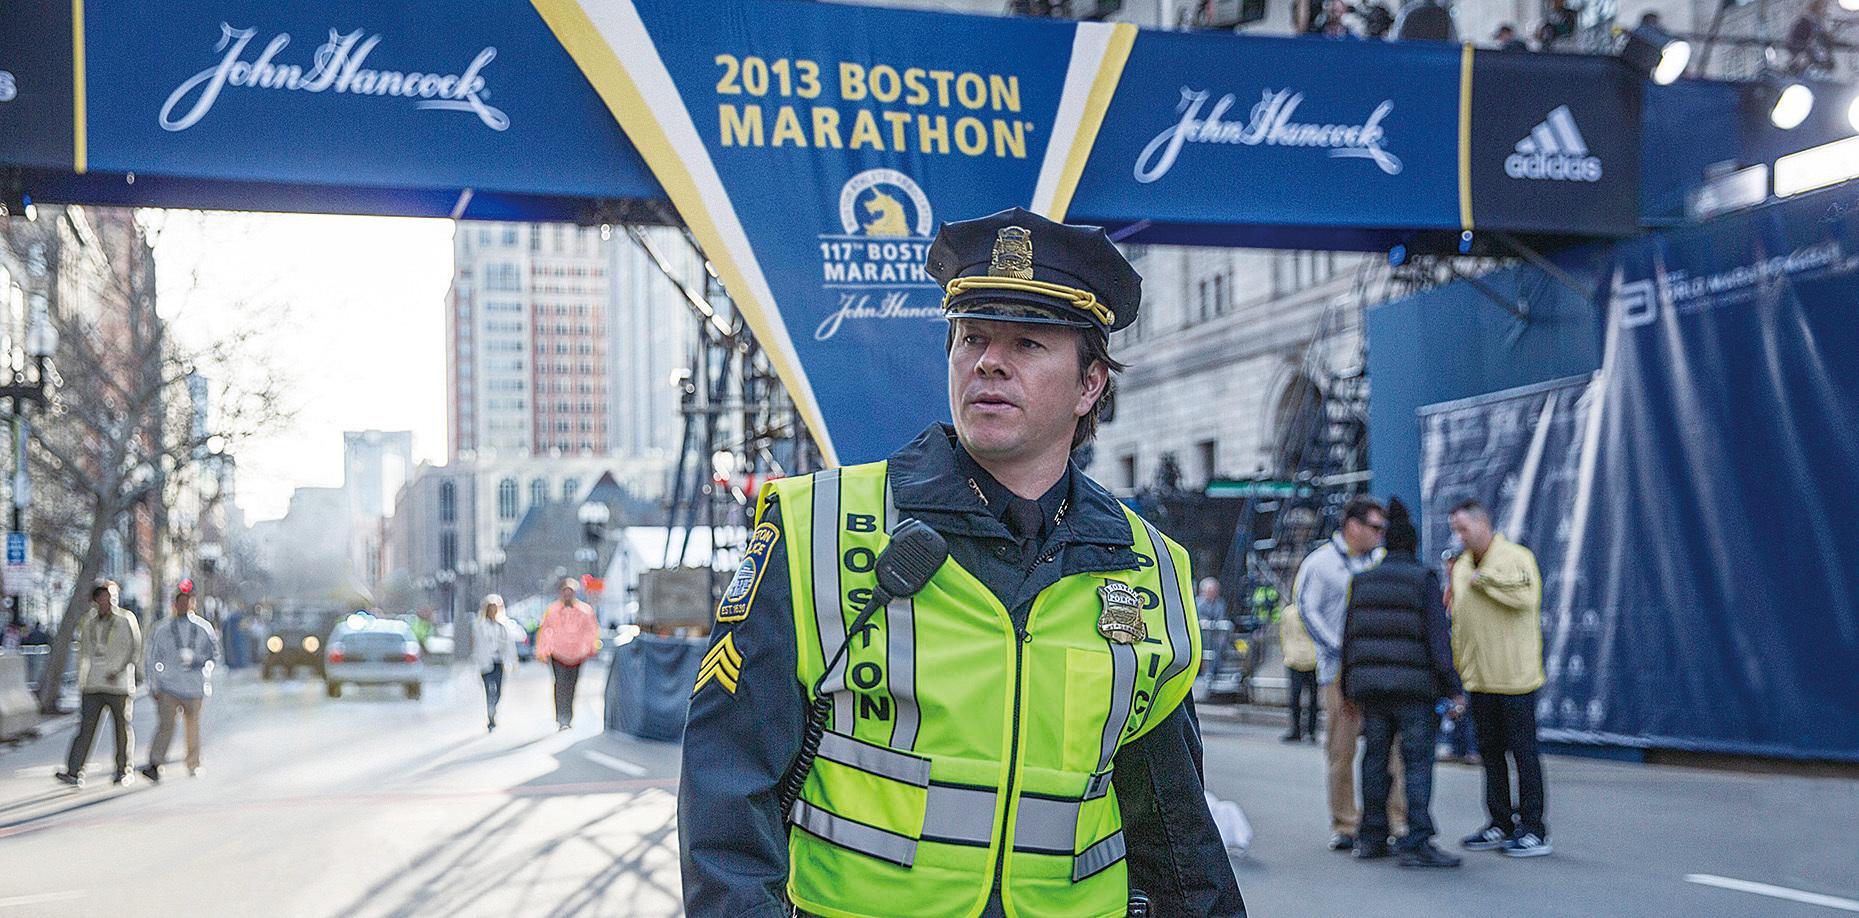 男星麥克華堡與名導彼得保再度合作拍攝《恐襲波士頓馬拉松》。在波士頓長大的麥克華堡表示他看見波士頓最美麗的風景就是「為愛而團結在一起的每個人。」